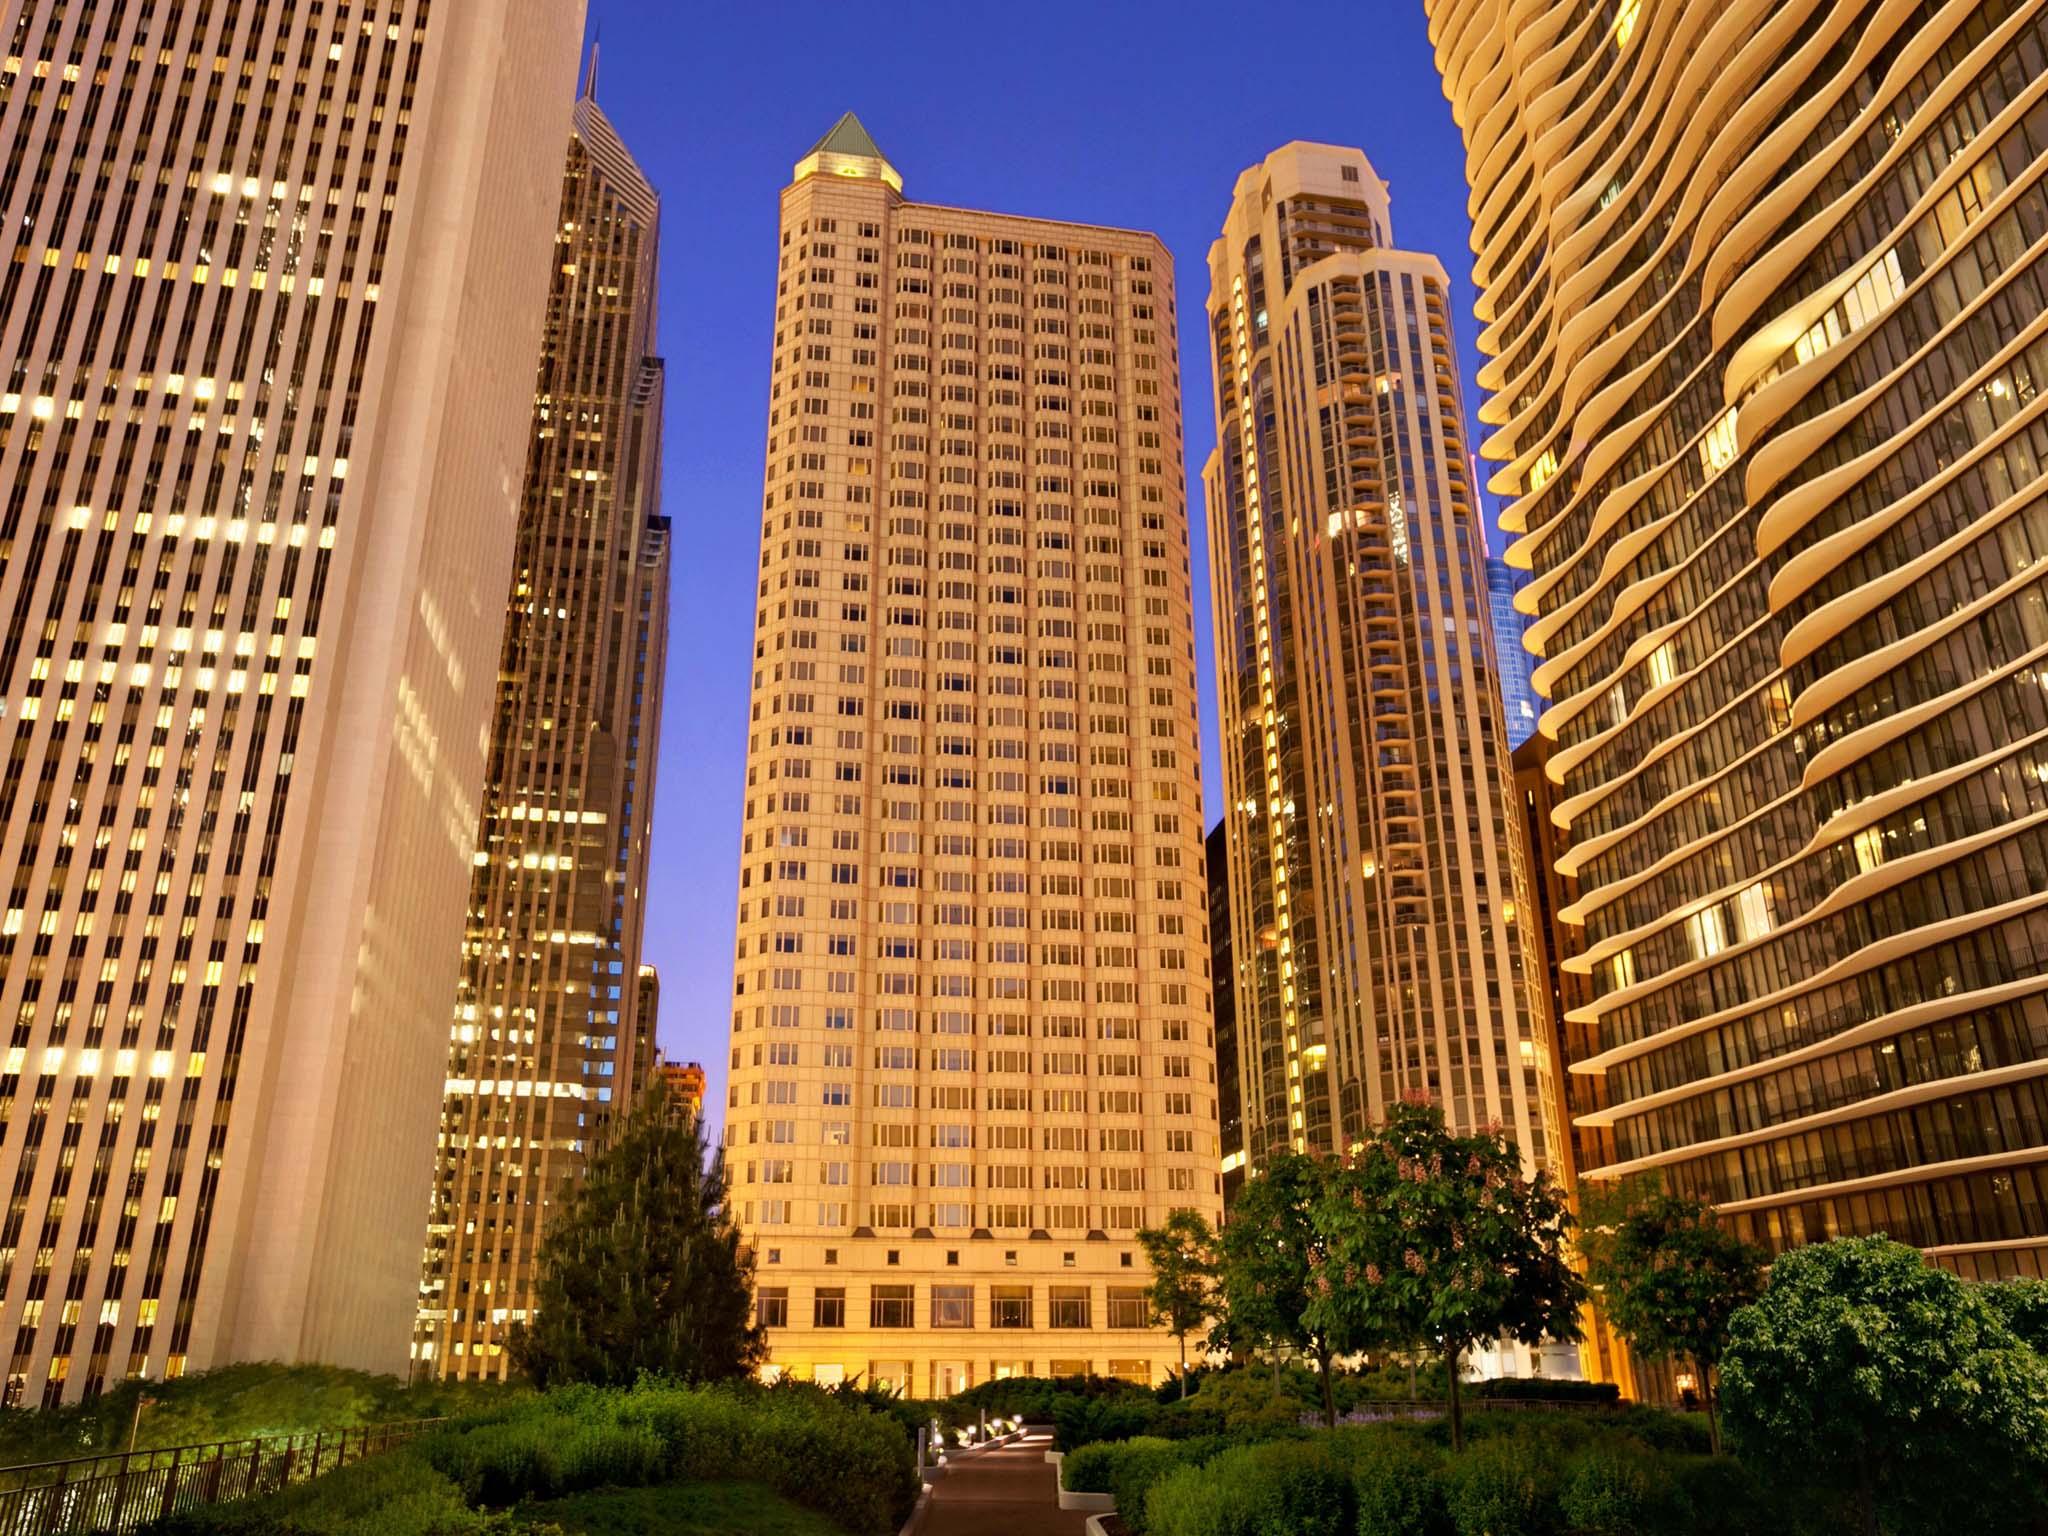 酒店 – 费尔蒙特芝加哥酒店 - 千禧公园